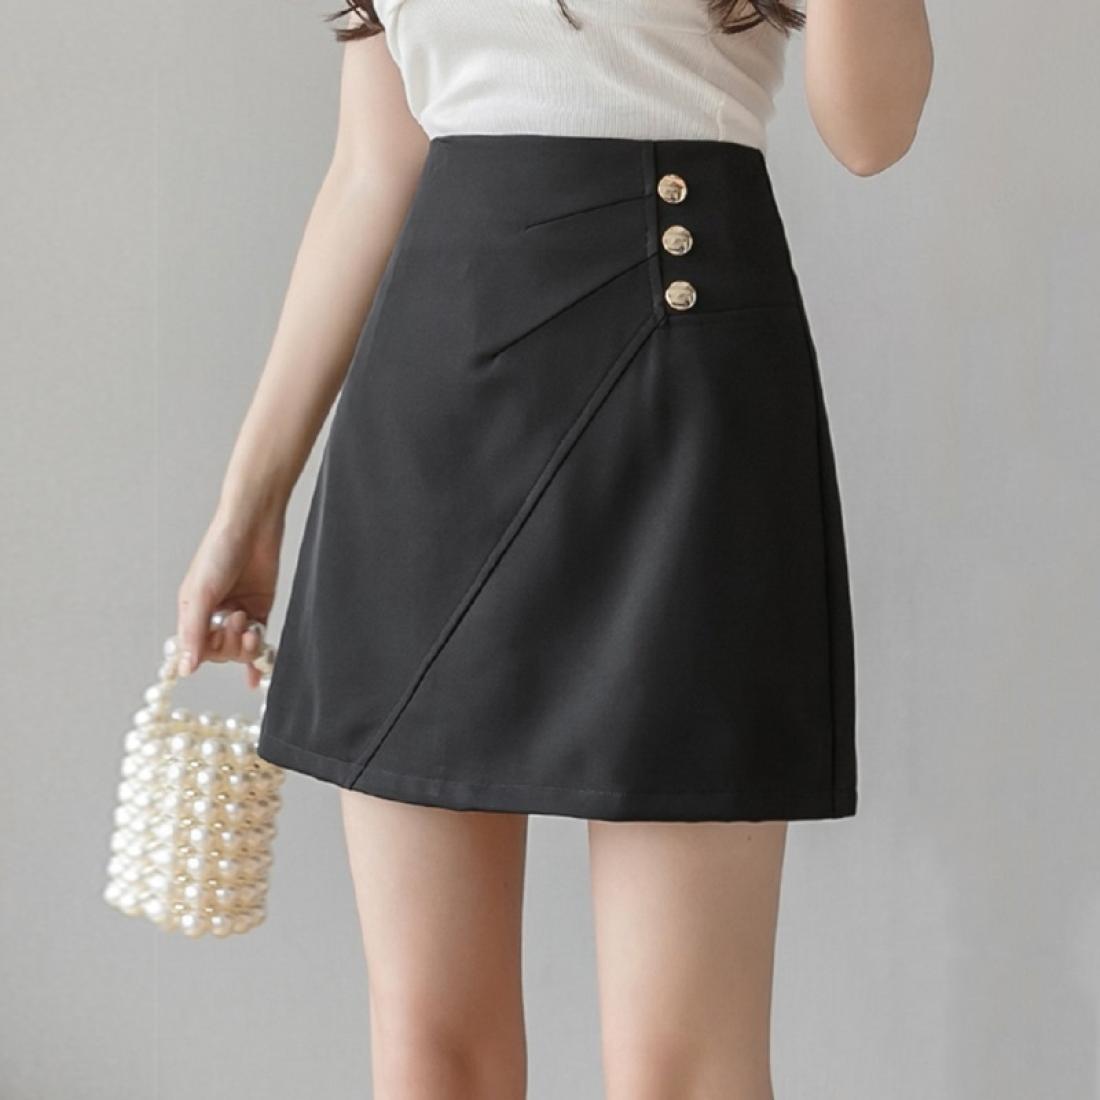 Bouton d'été décoré une jupe courte jupe à taille haute taille haute